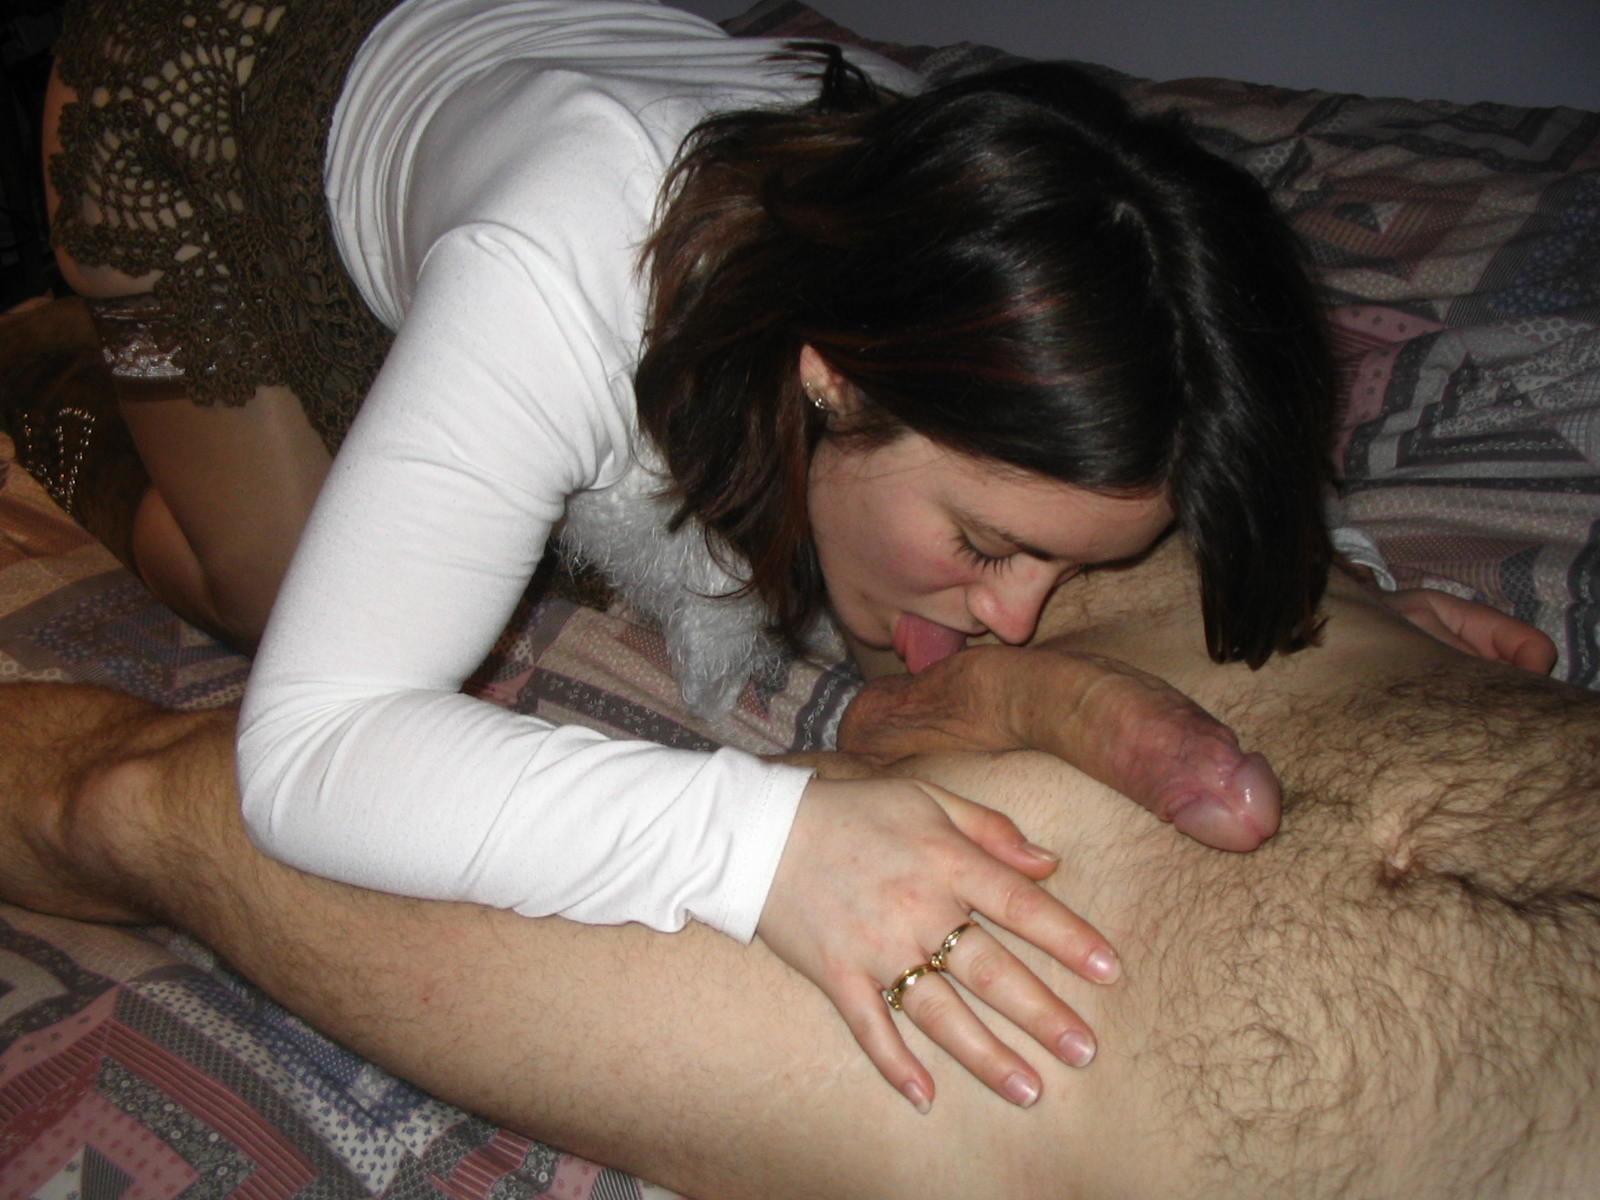 le sexe de mamie le sexe musulman